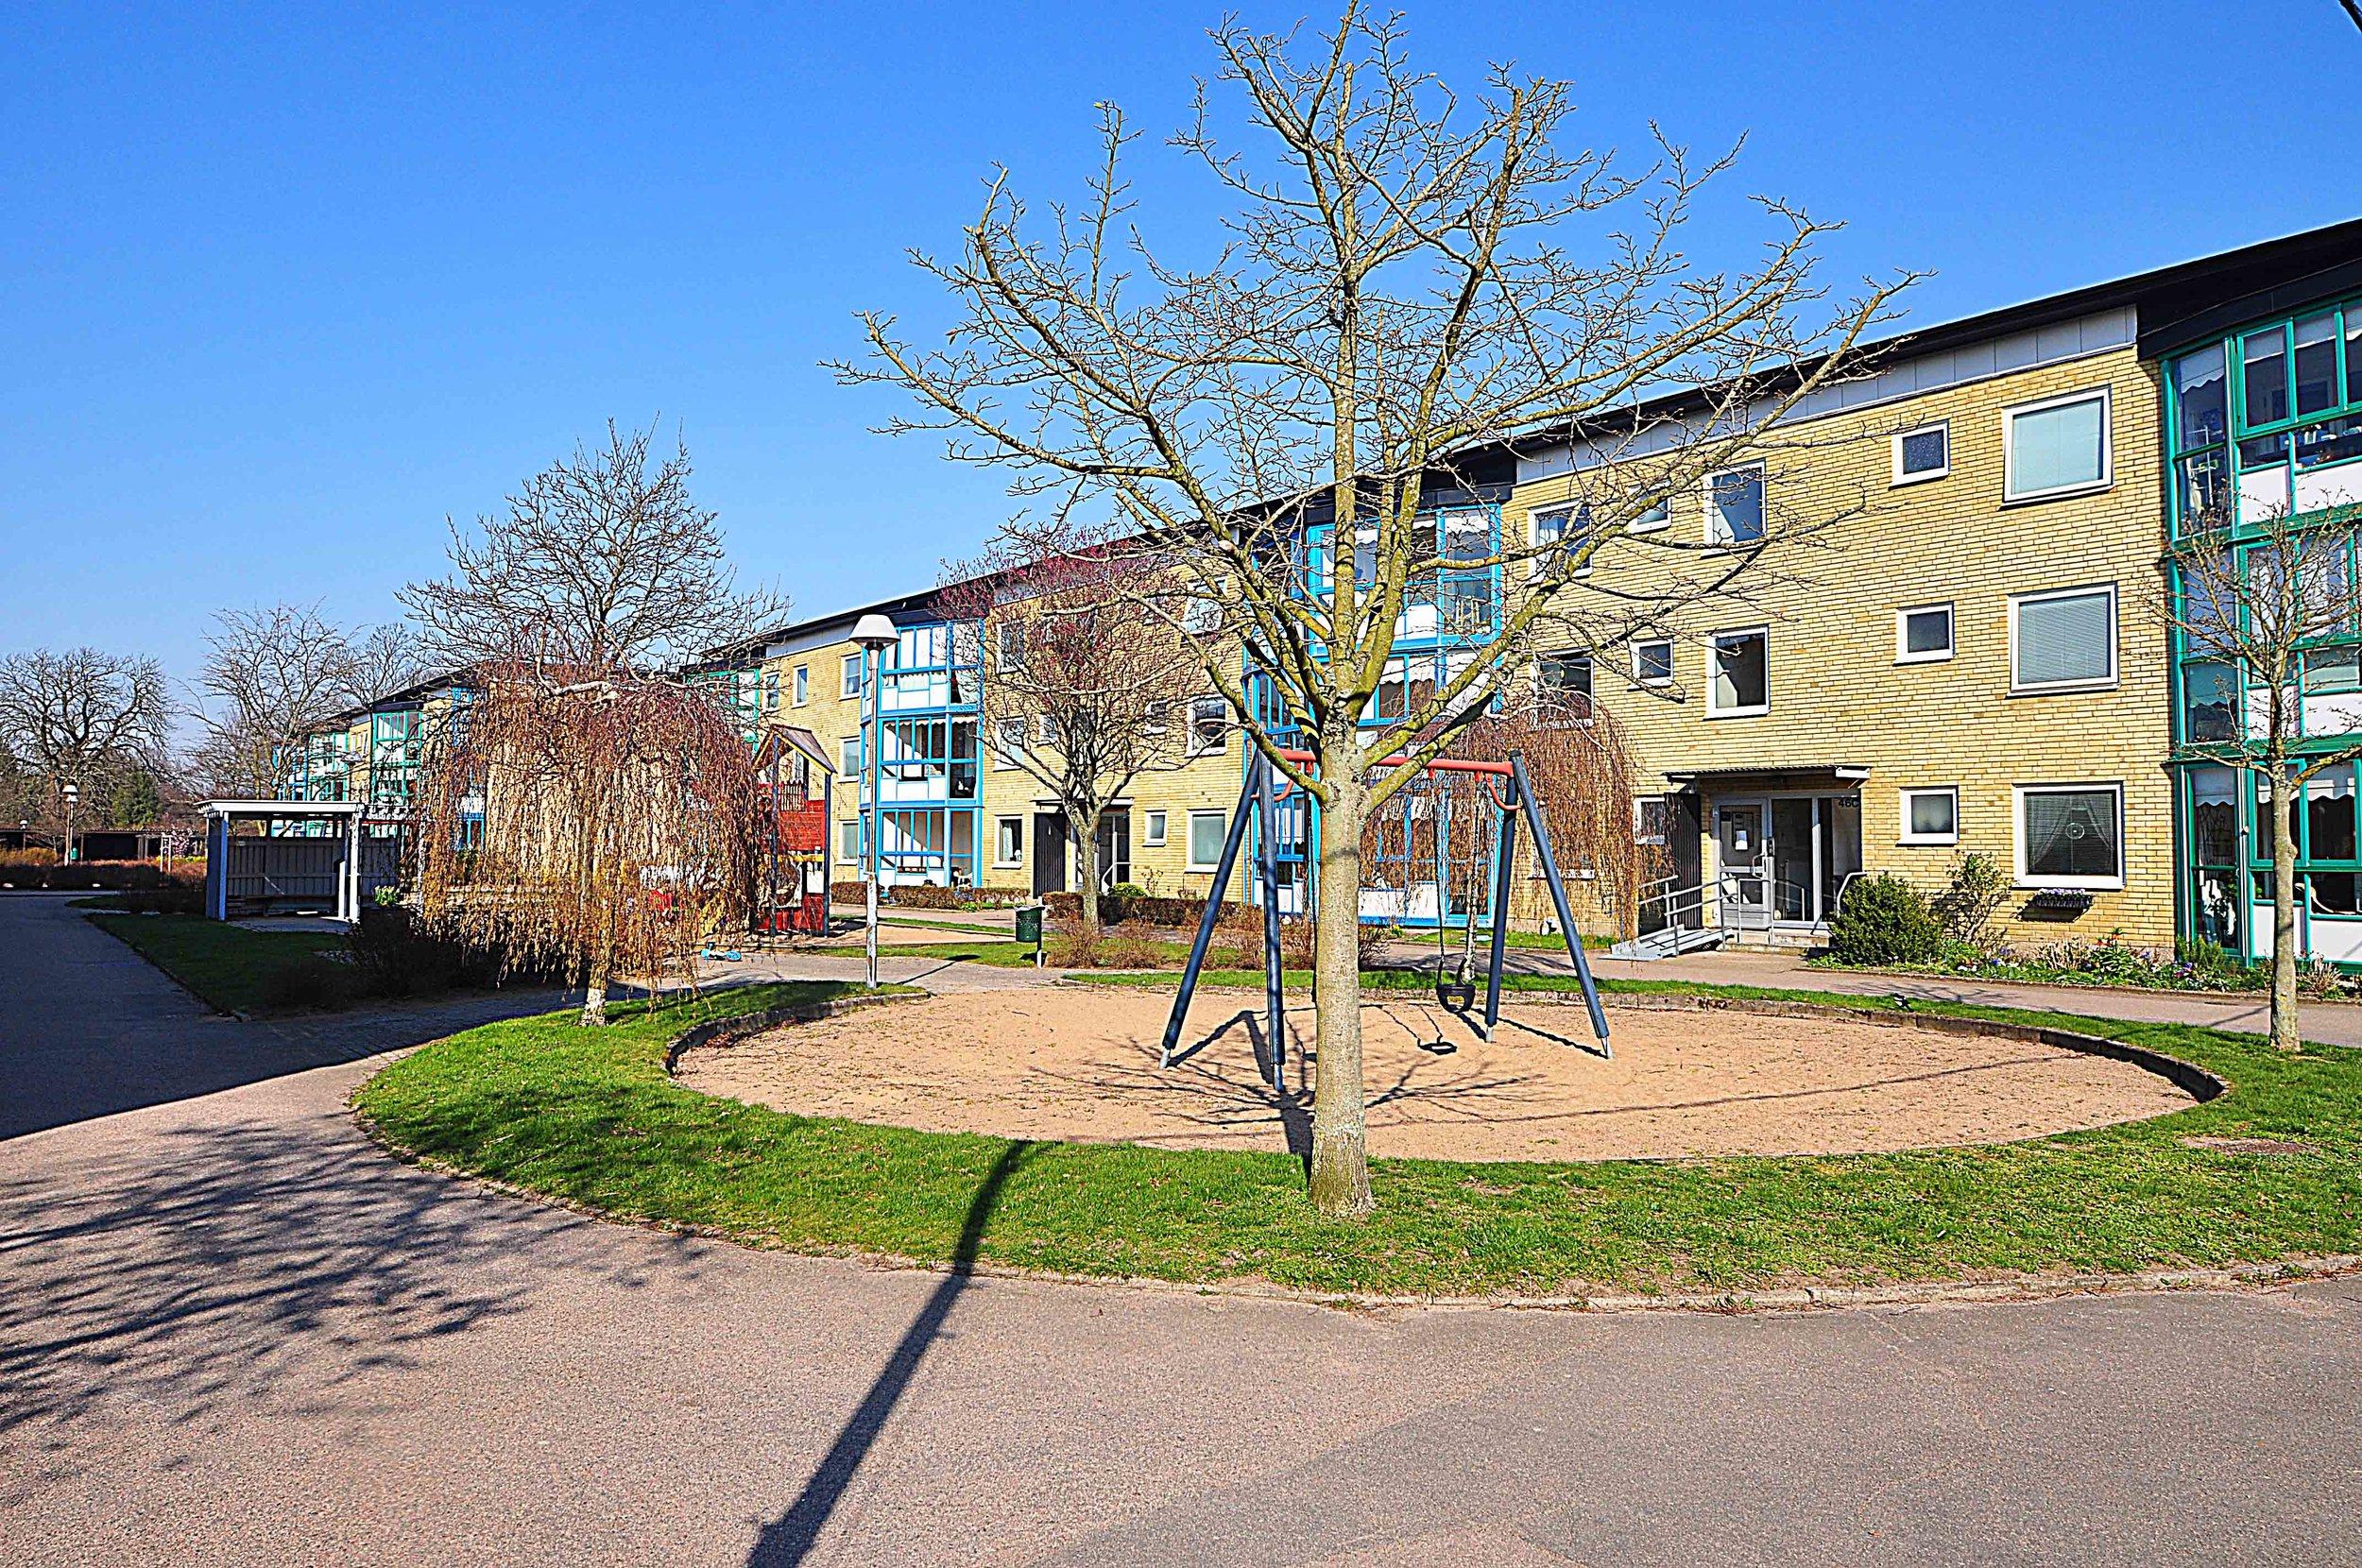 Södra Hunnetorpsvägen - Helsingborg - Högst upp i huset ligger denna exklusivt renoverade 2´a på 42 kvm, utrustad med bl.a. spotlights och granit bänkskiva i köket. Stor härlig inglasad balkong med fri utsikt över omgivningarna. Avgift 2 885 krPris: 745 000 kr / bud